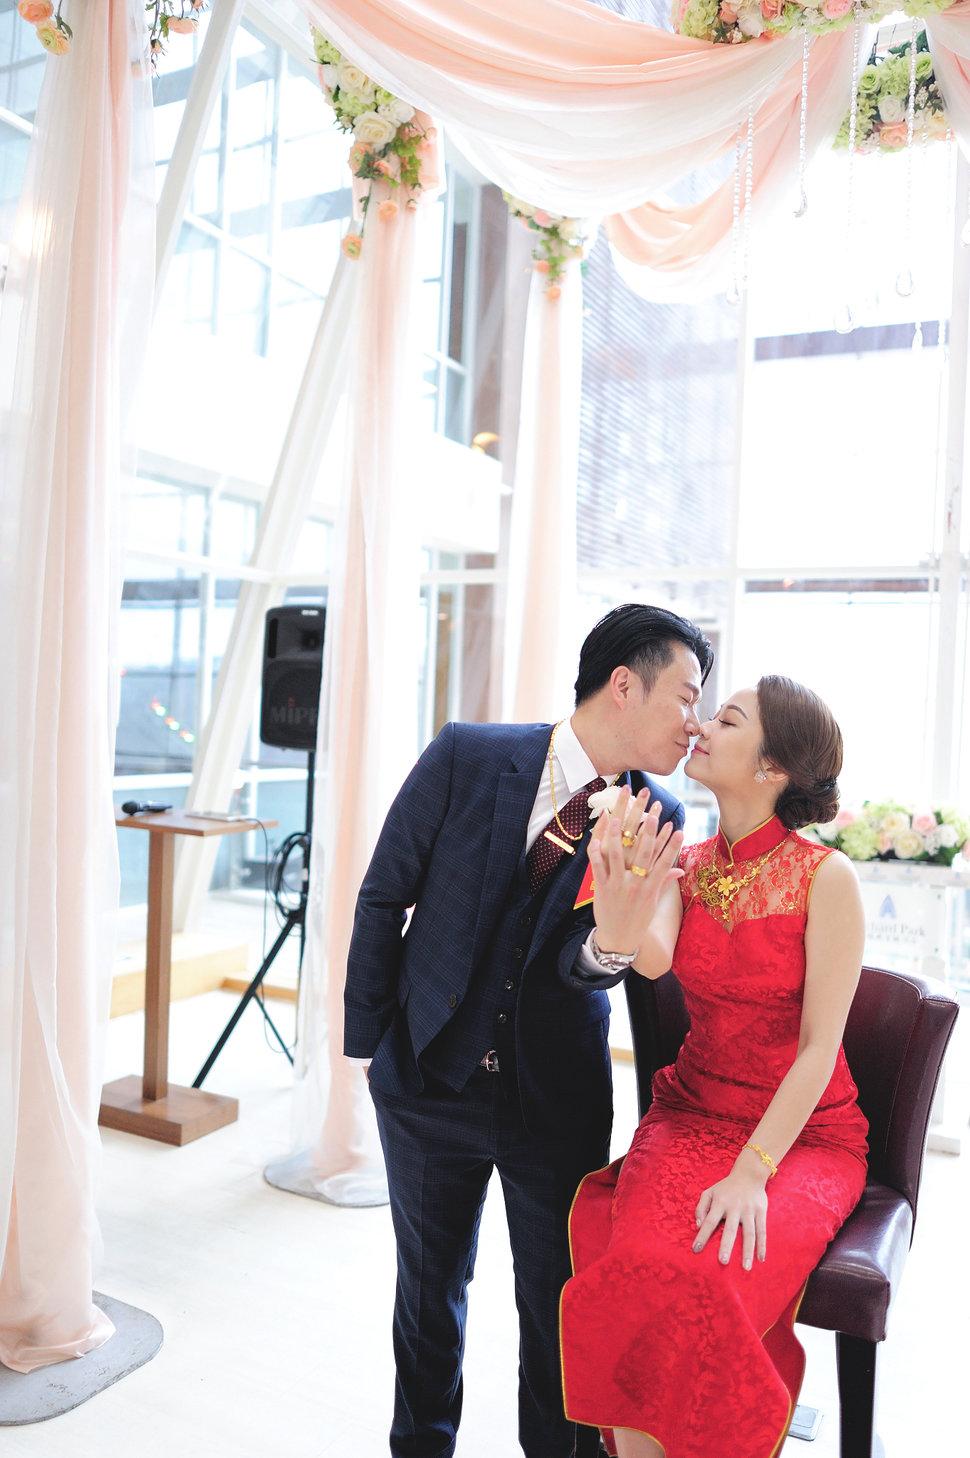 33 - J-Love 婚禮攝影團隊《結婚吧》